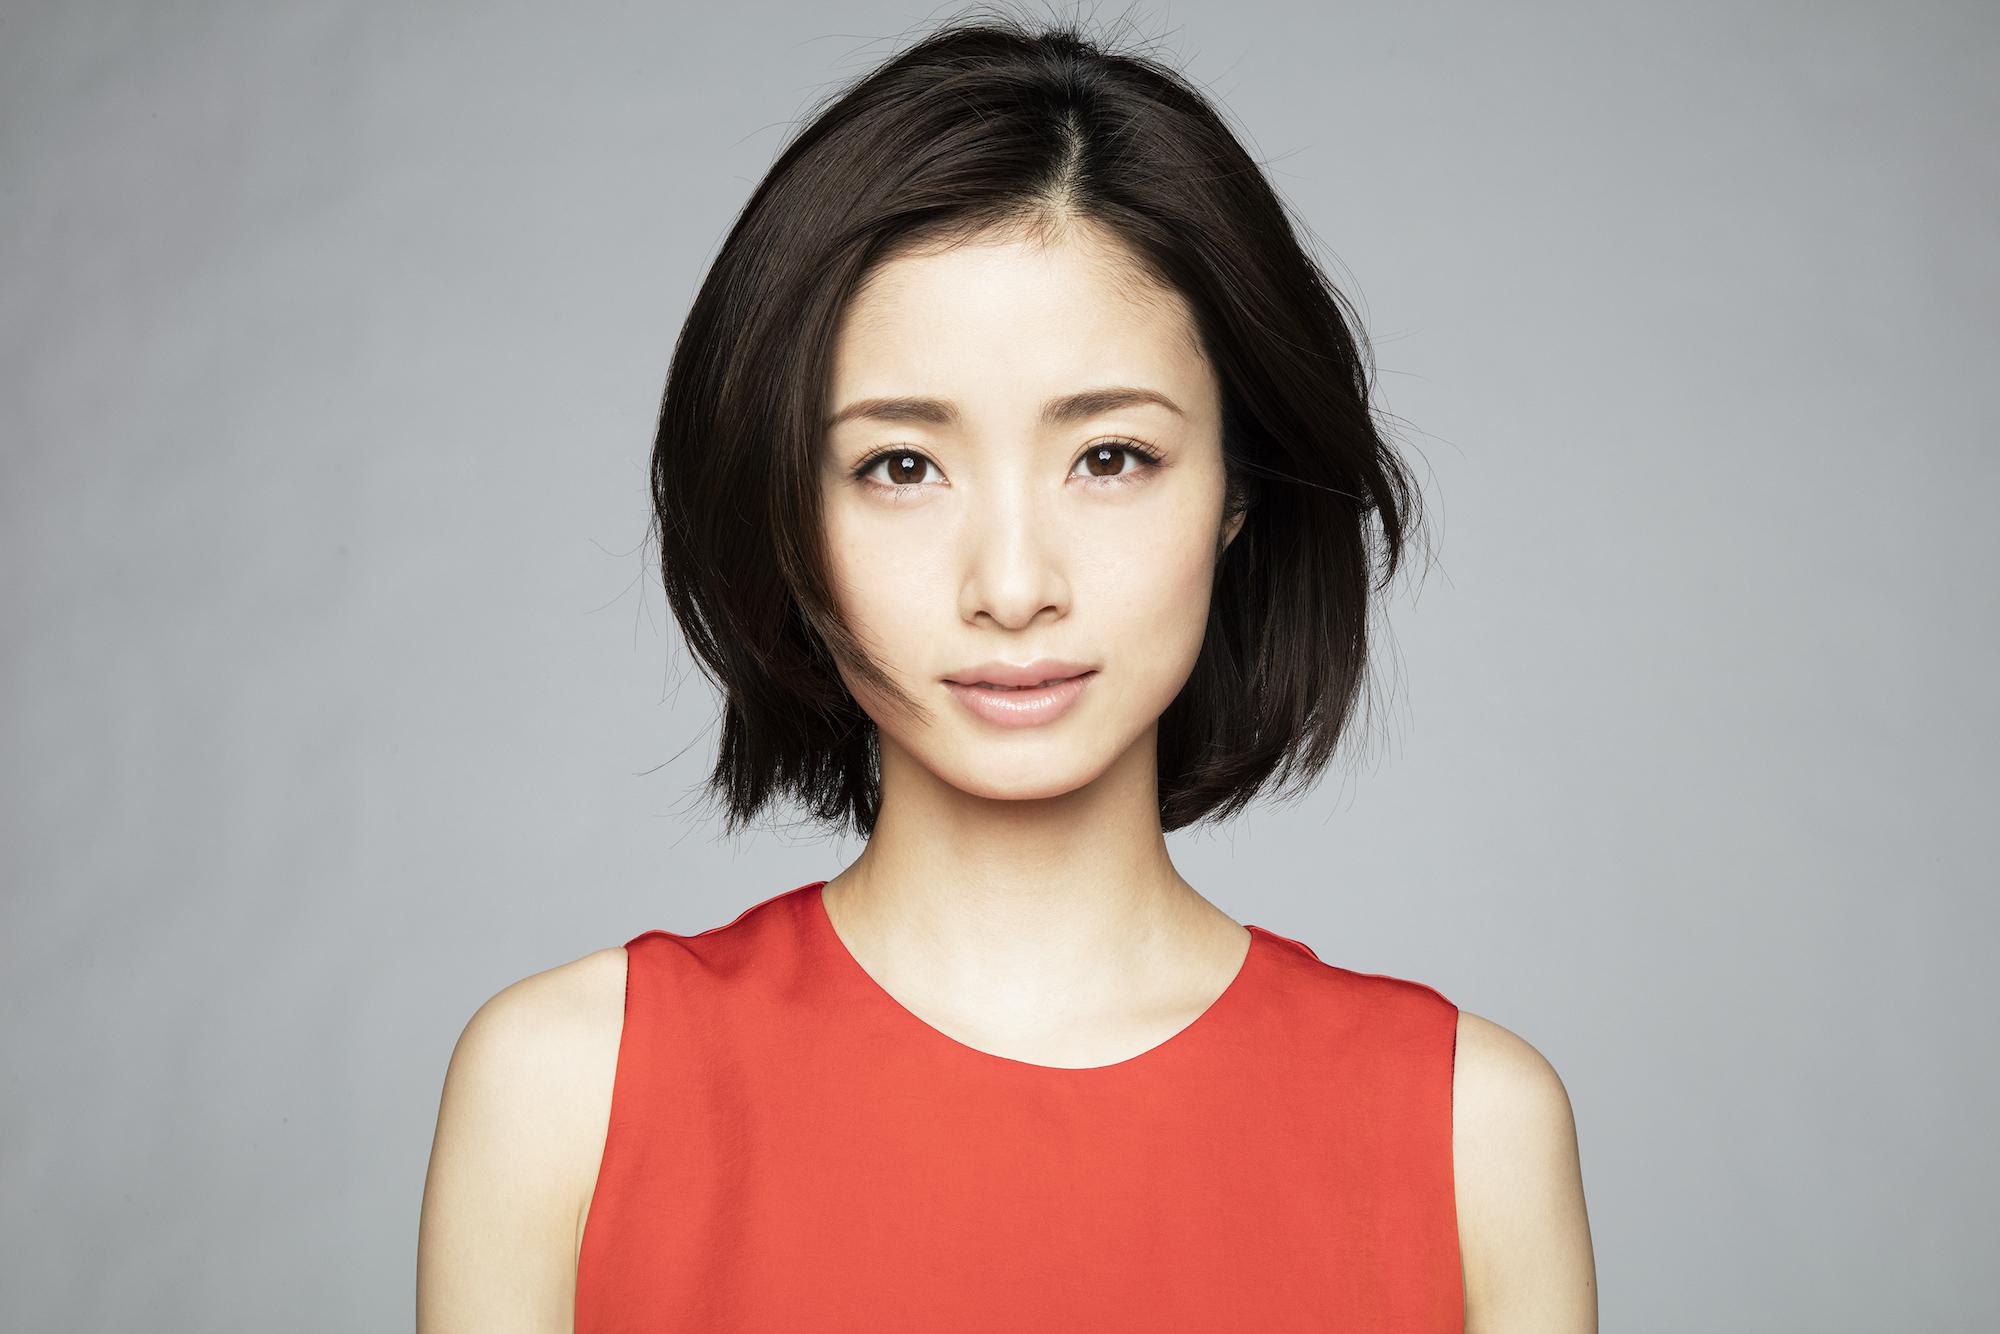 上戸彩(うえと・あや)ACTRESS(女優)